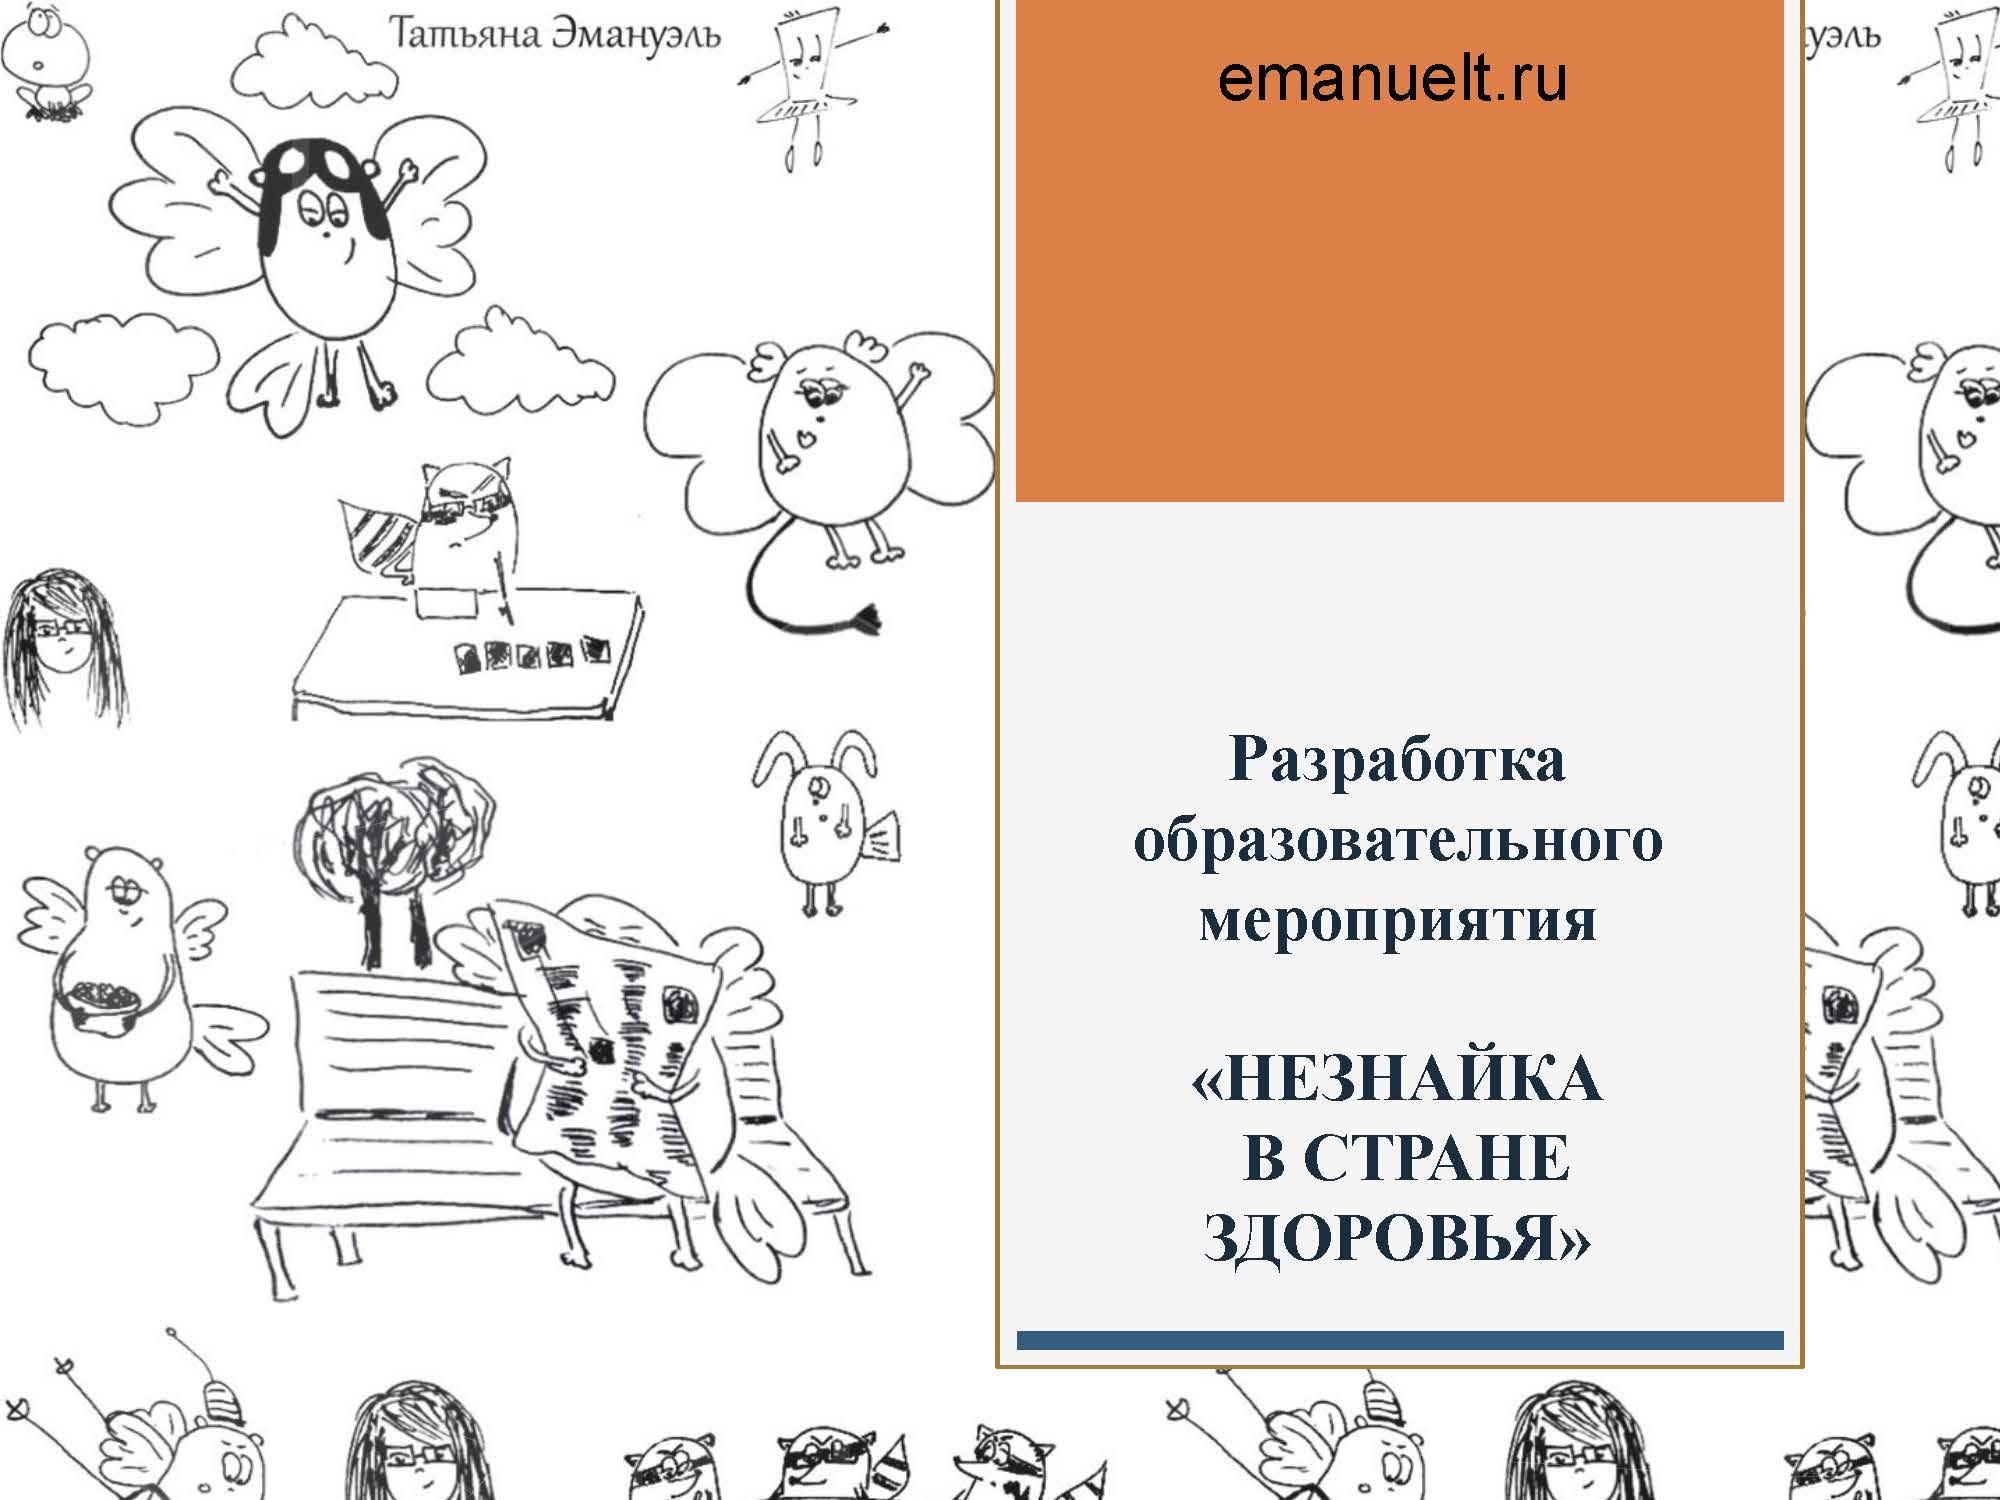 инфо_Страница_016